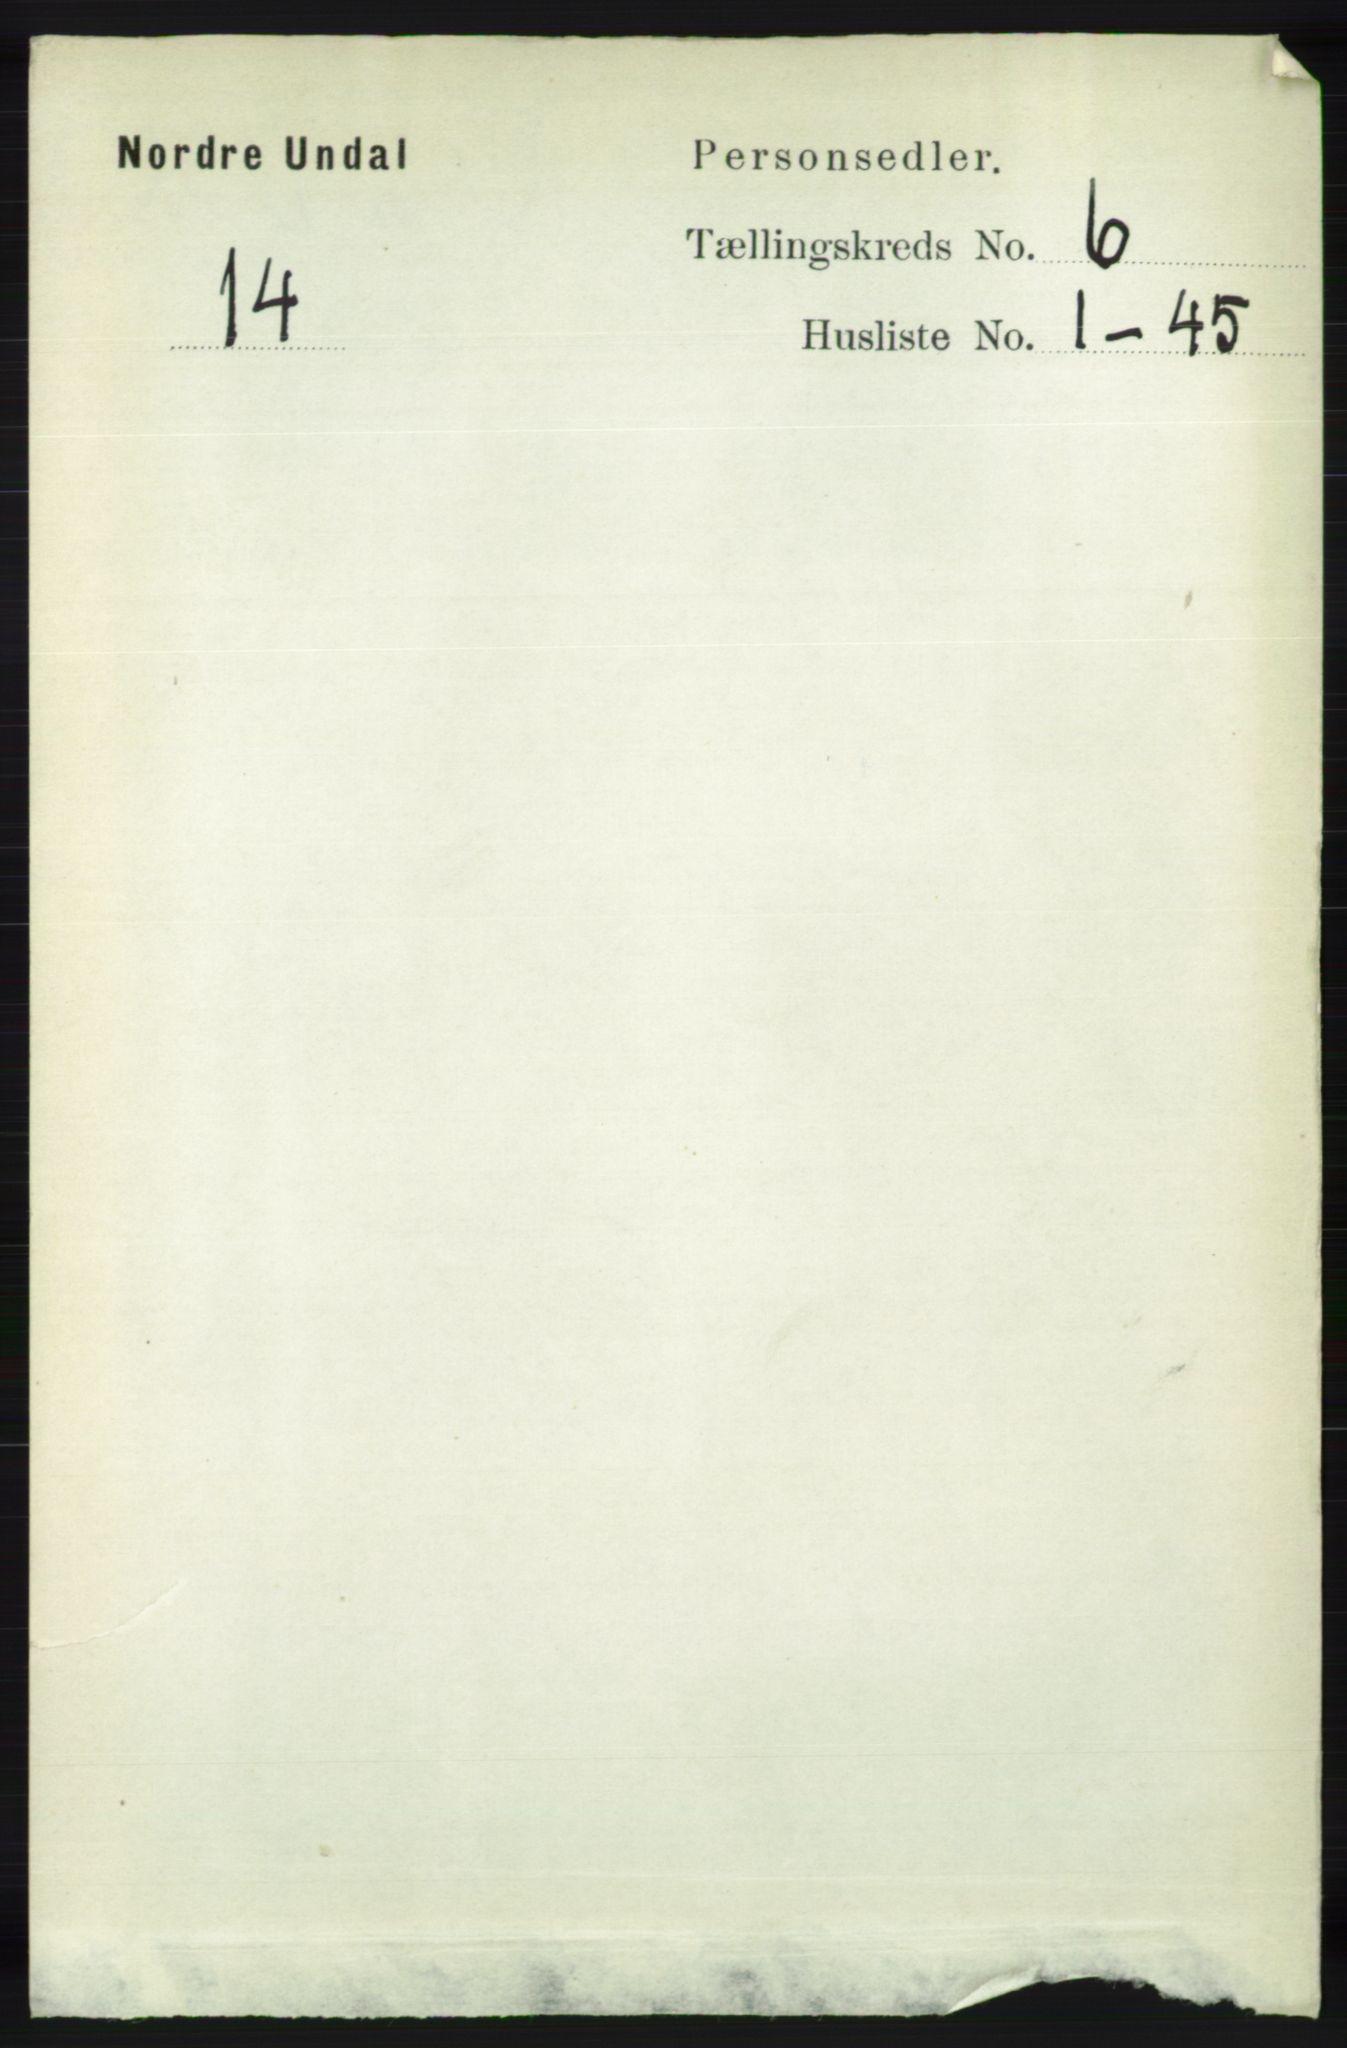 RA, Folketelling 1891 for 1028 Nord-Audnedal herred, 1891, s. 1504